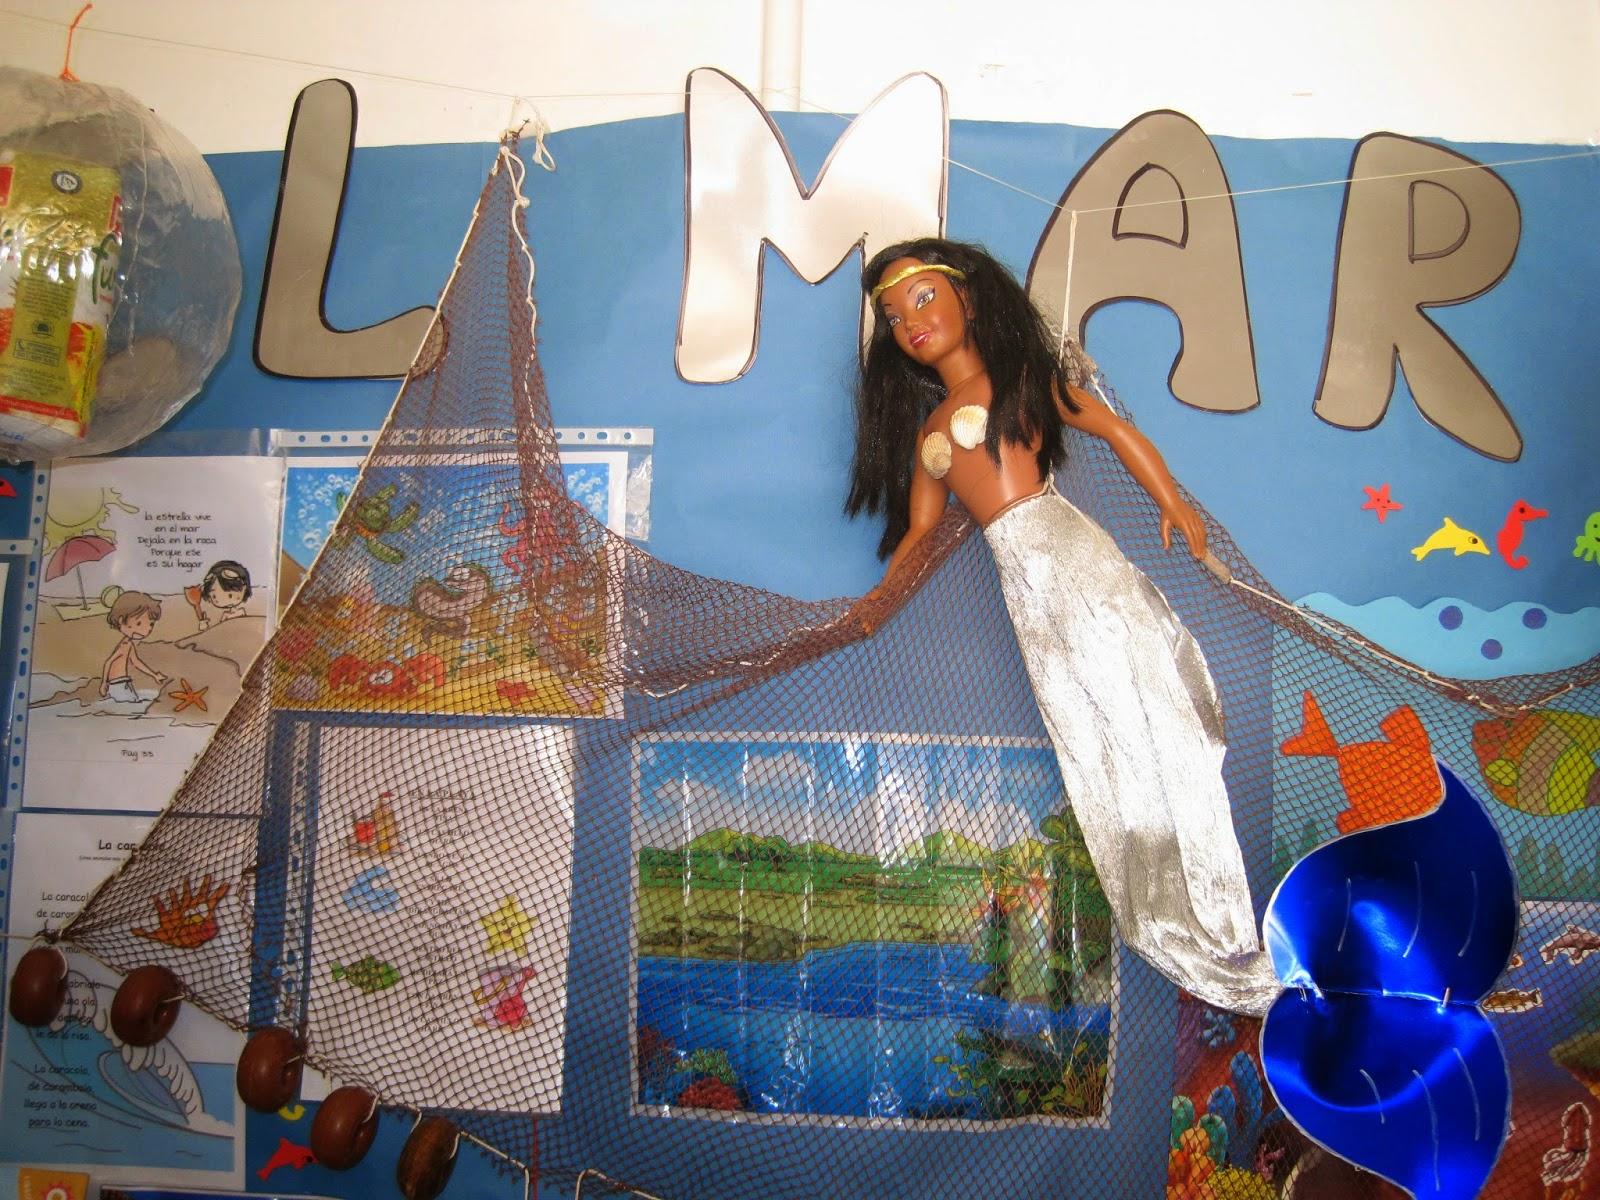 Blog de convivencia igualdad y paz ceip santa isabel for Habitat decoracion